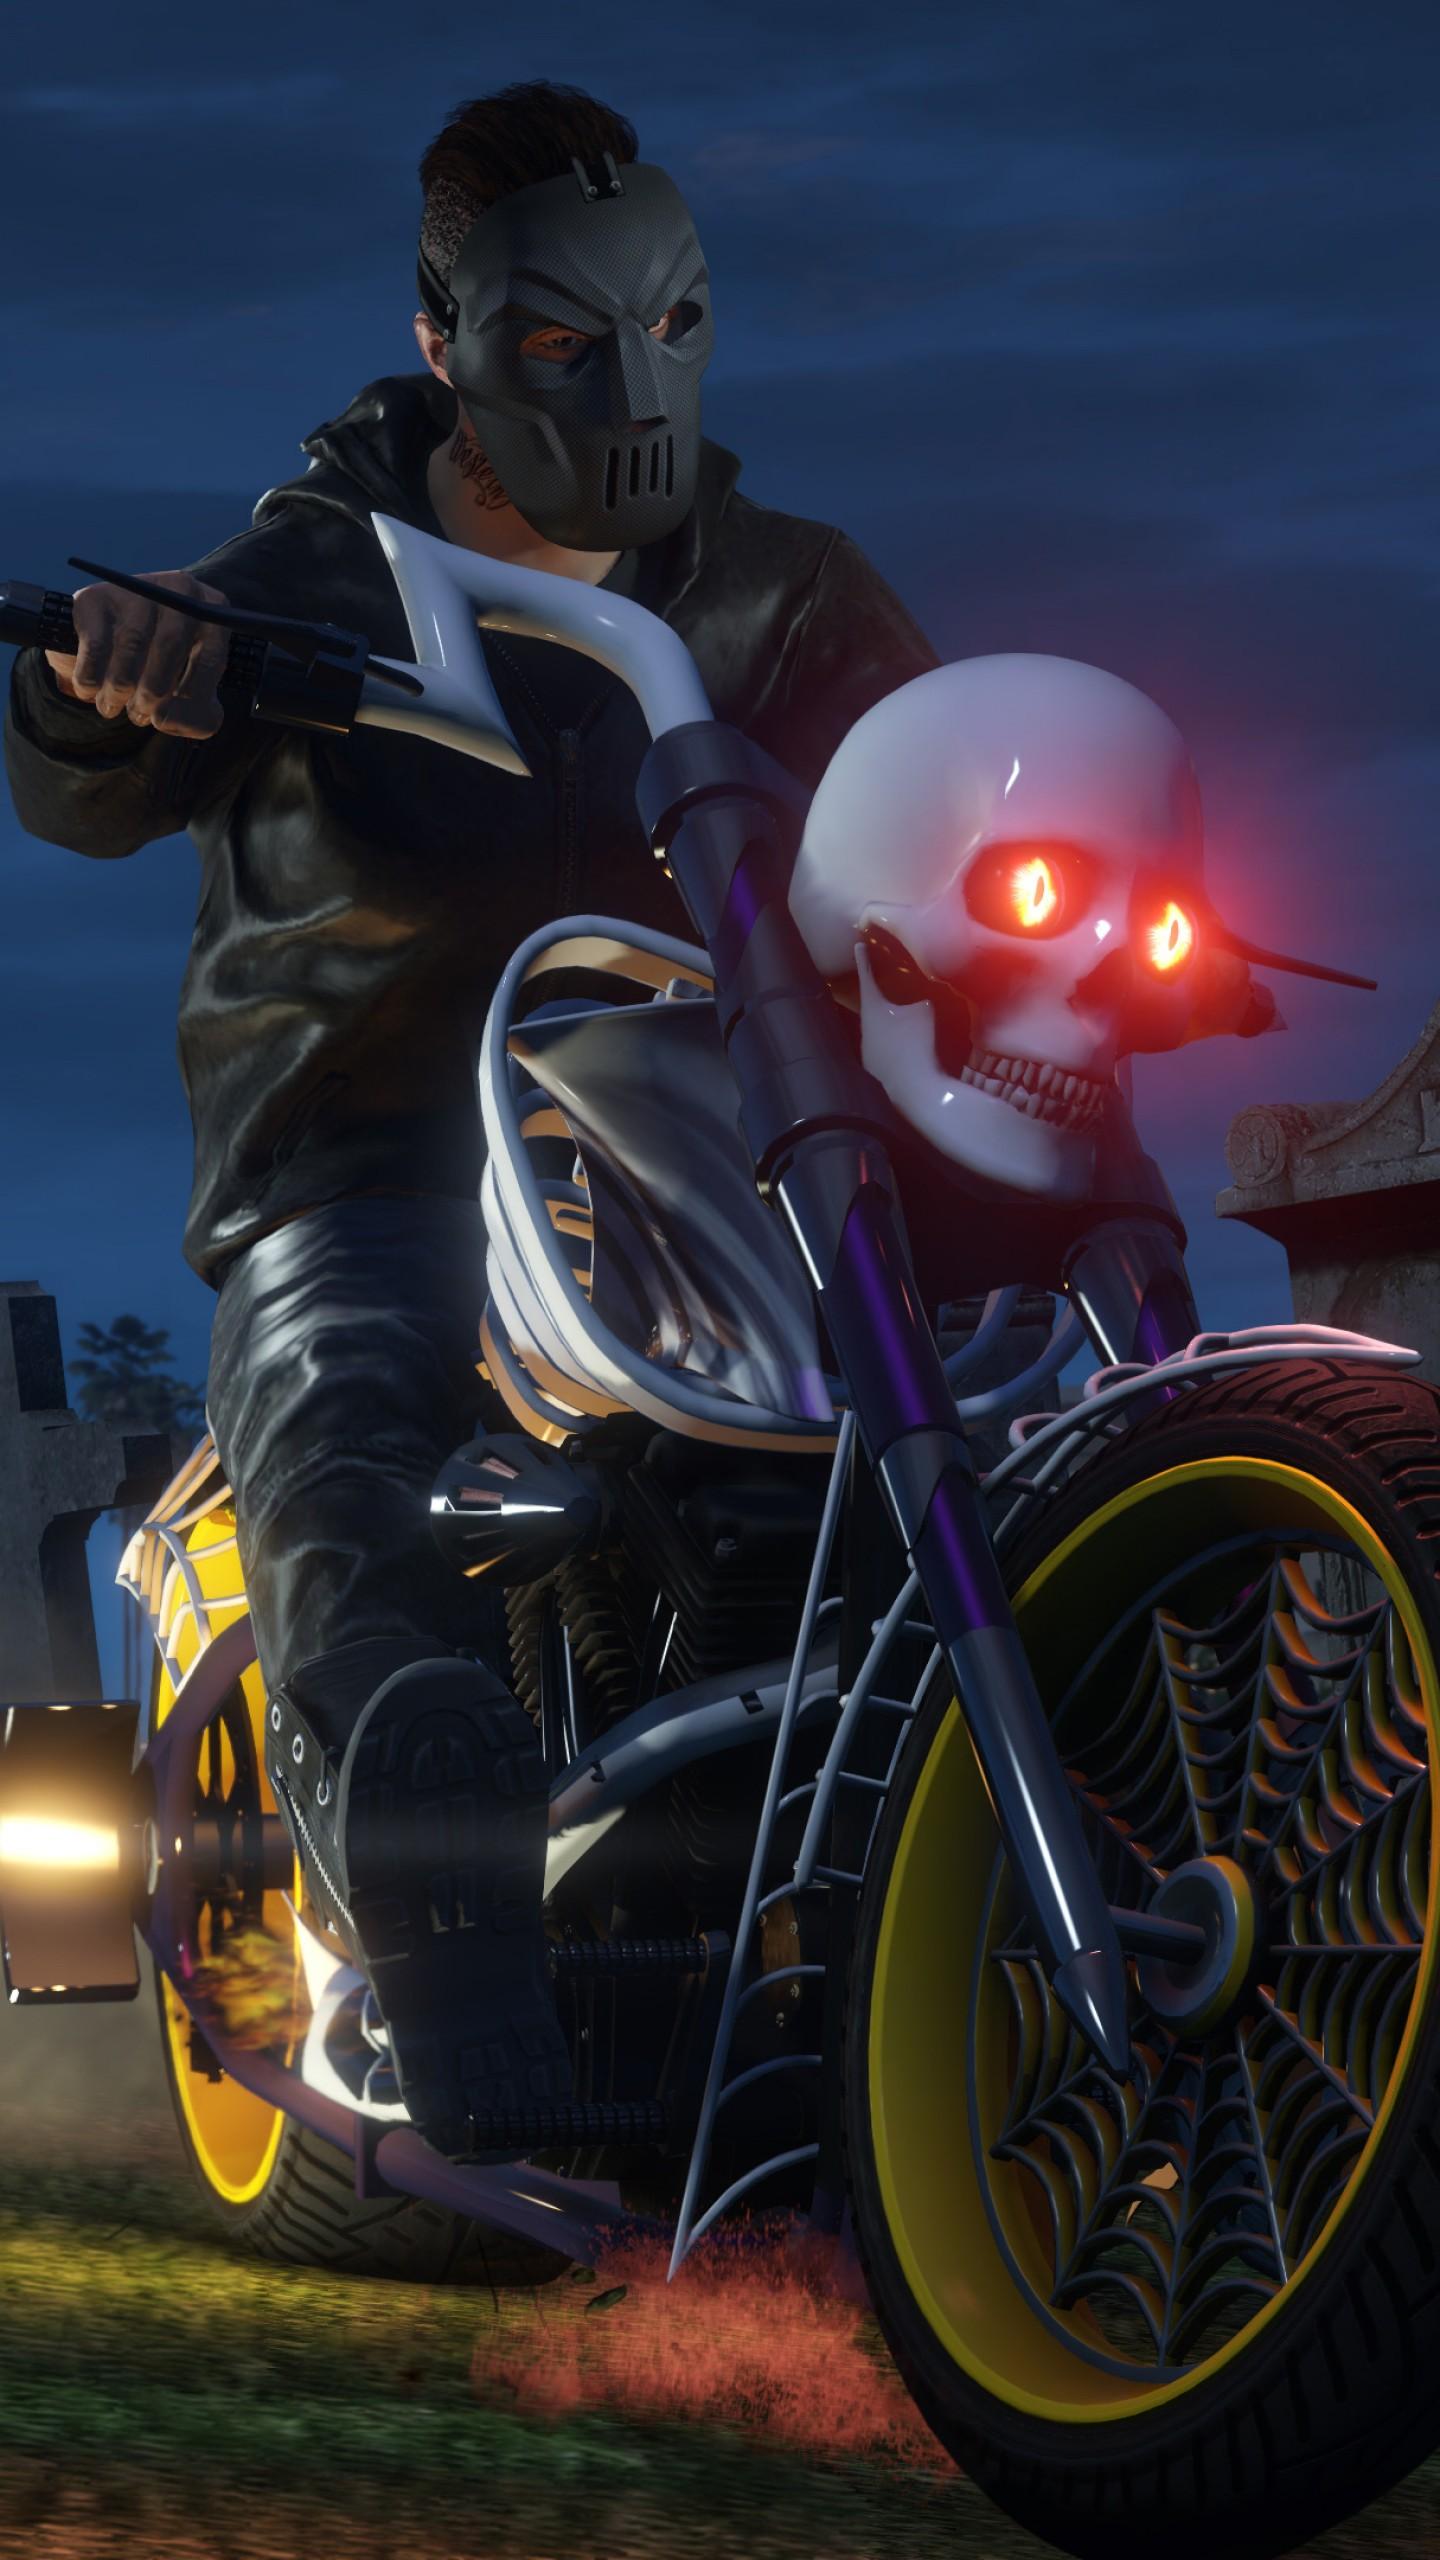 Grand Theft Auto 5 Car Wallpaper Wallpaper Gta 5 Online Halloween Dlc Gta 5 Best Games